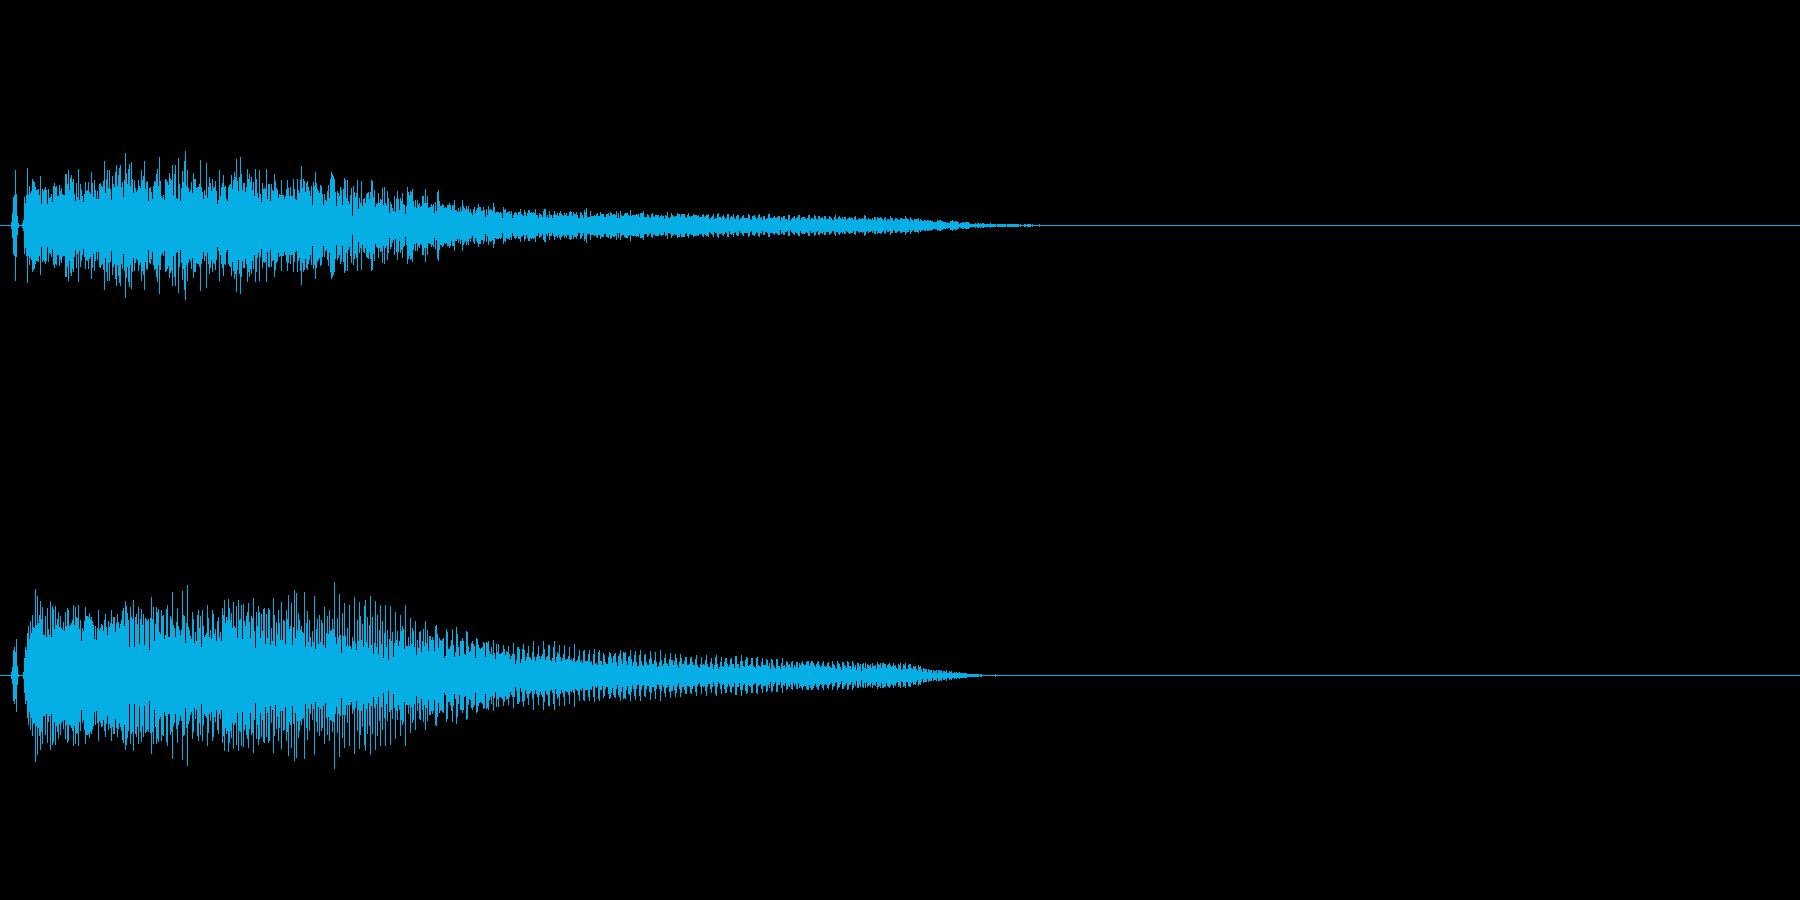 不協な感じのピアノ和音の再生済みの波形